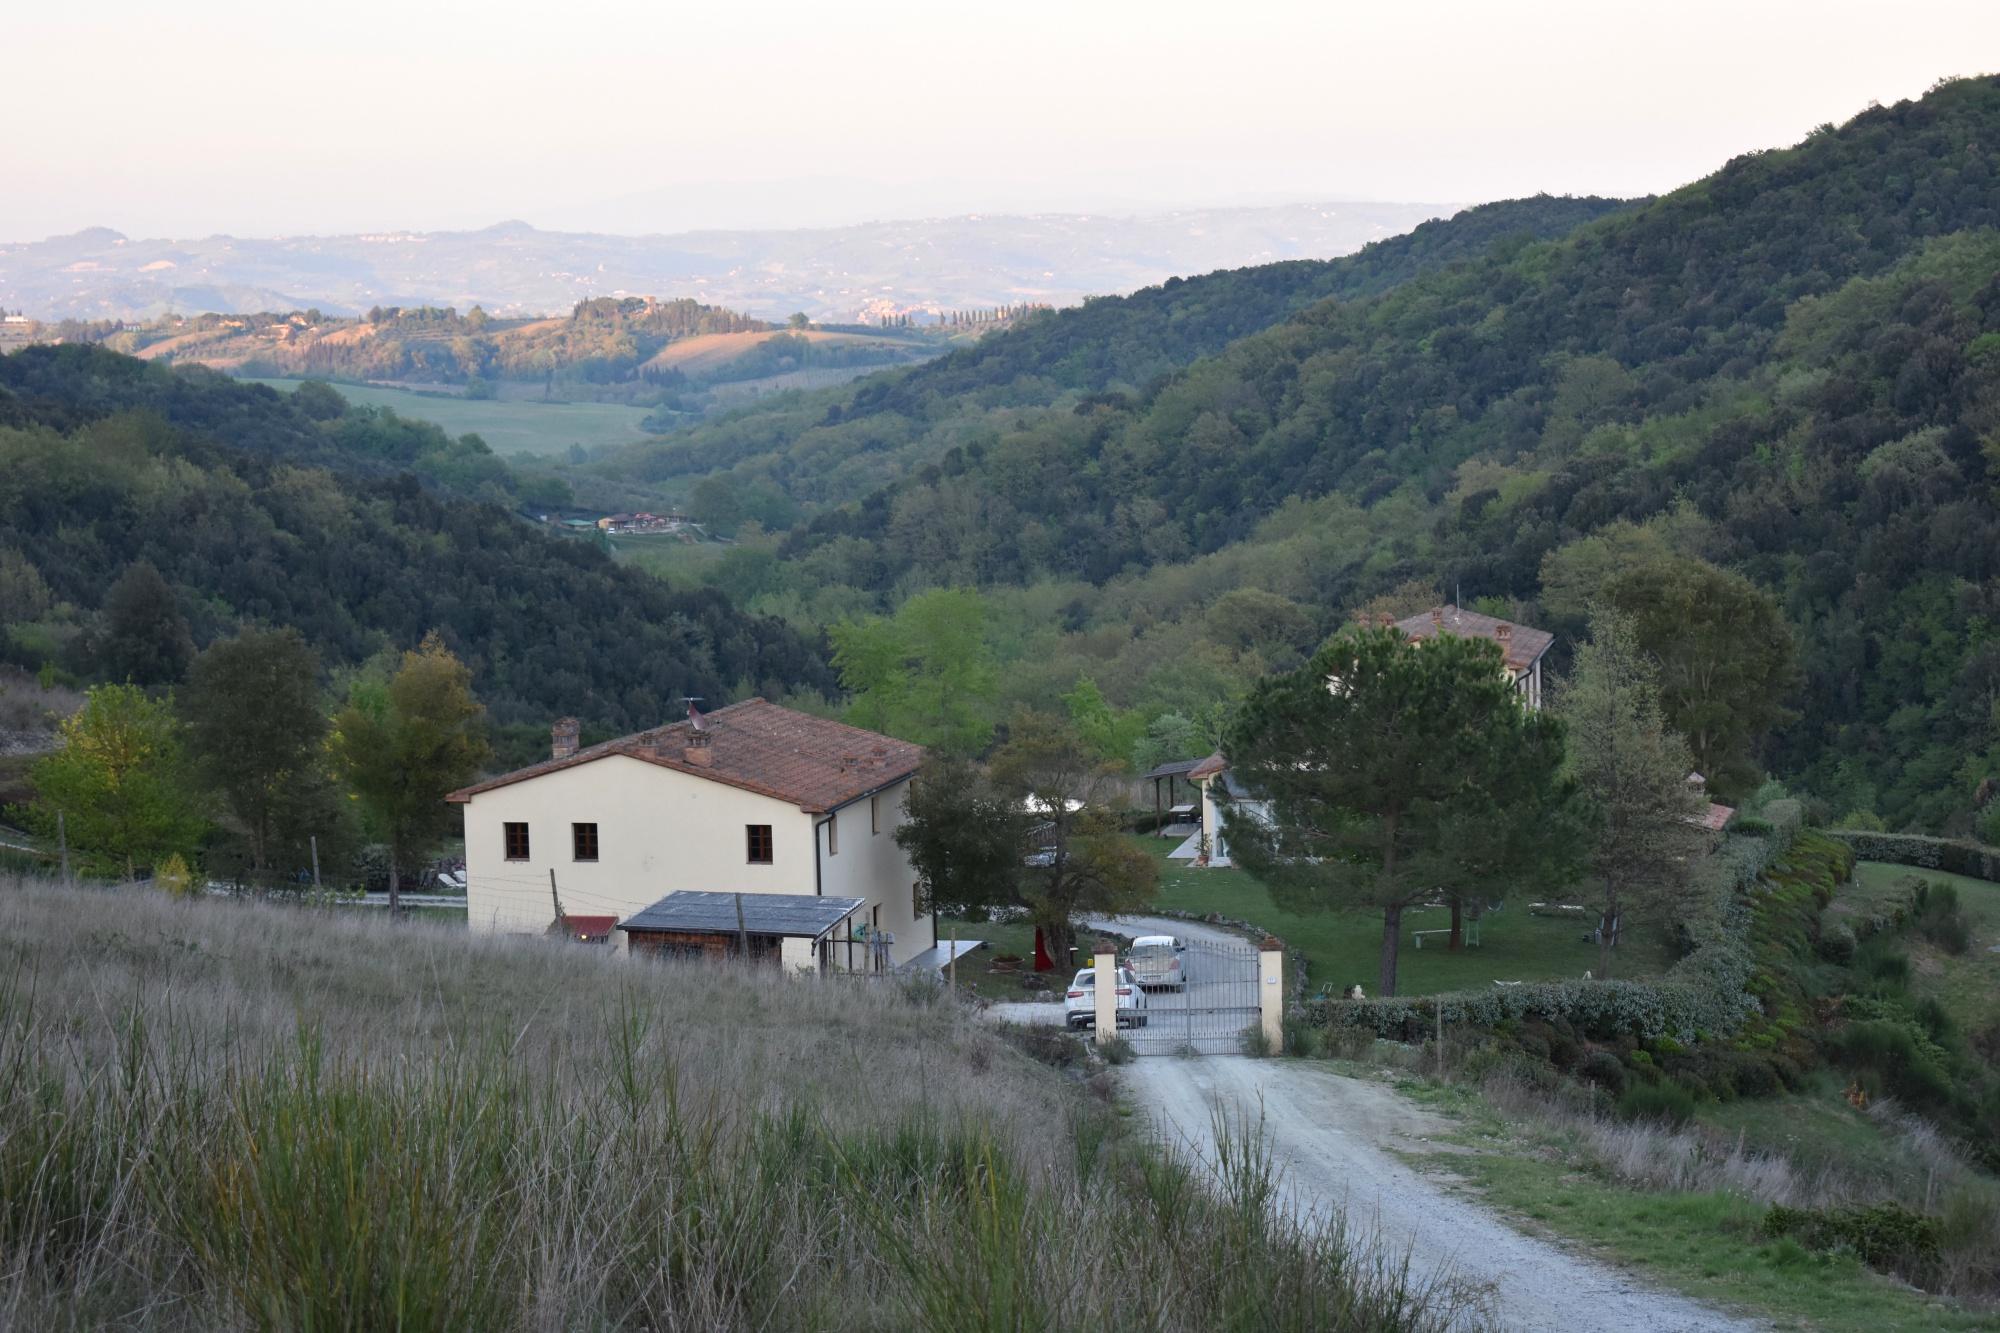 Marghe Gambassi Termin, Toskana, Ferienhaus, Ferienwohnung, Urlaub mit Kindern